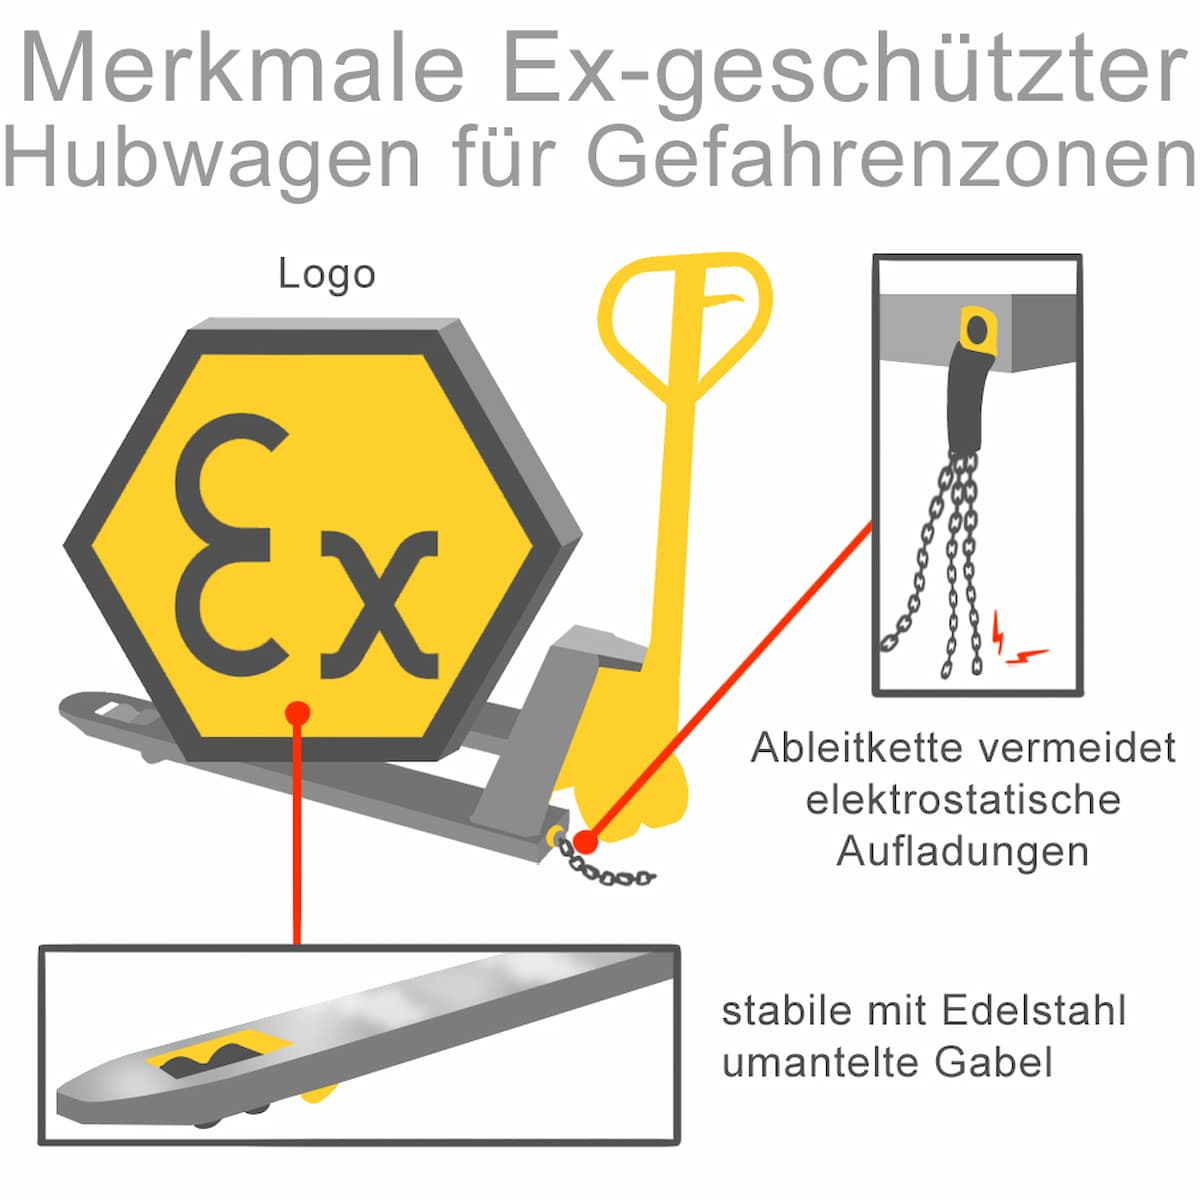 Merkmale Ex-geschützter Hubwägen